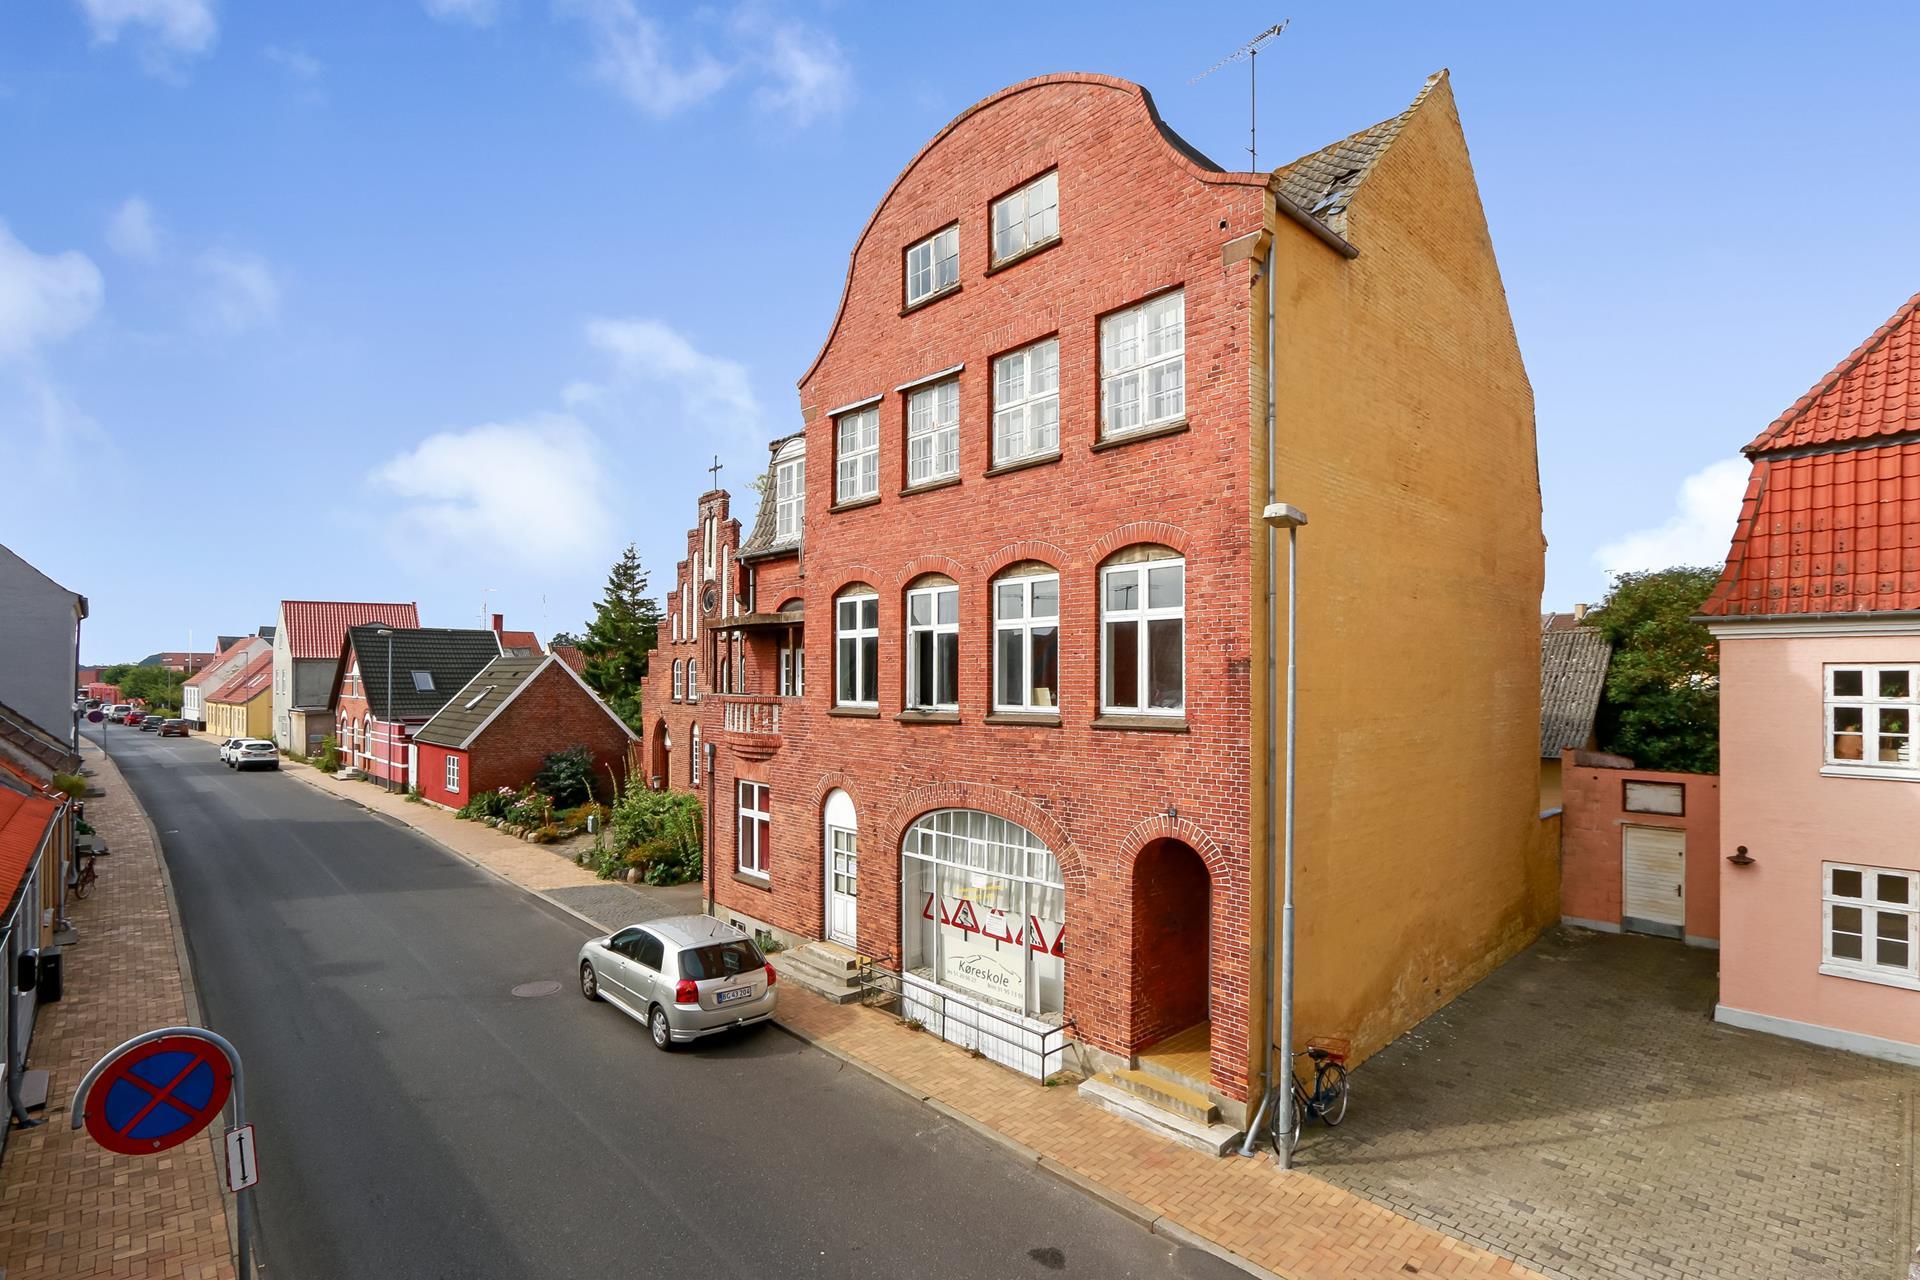 Bolig/erhverv på Ahlefeldtsgade i Rudkøbing - Område